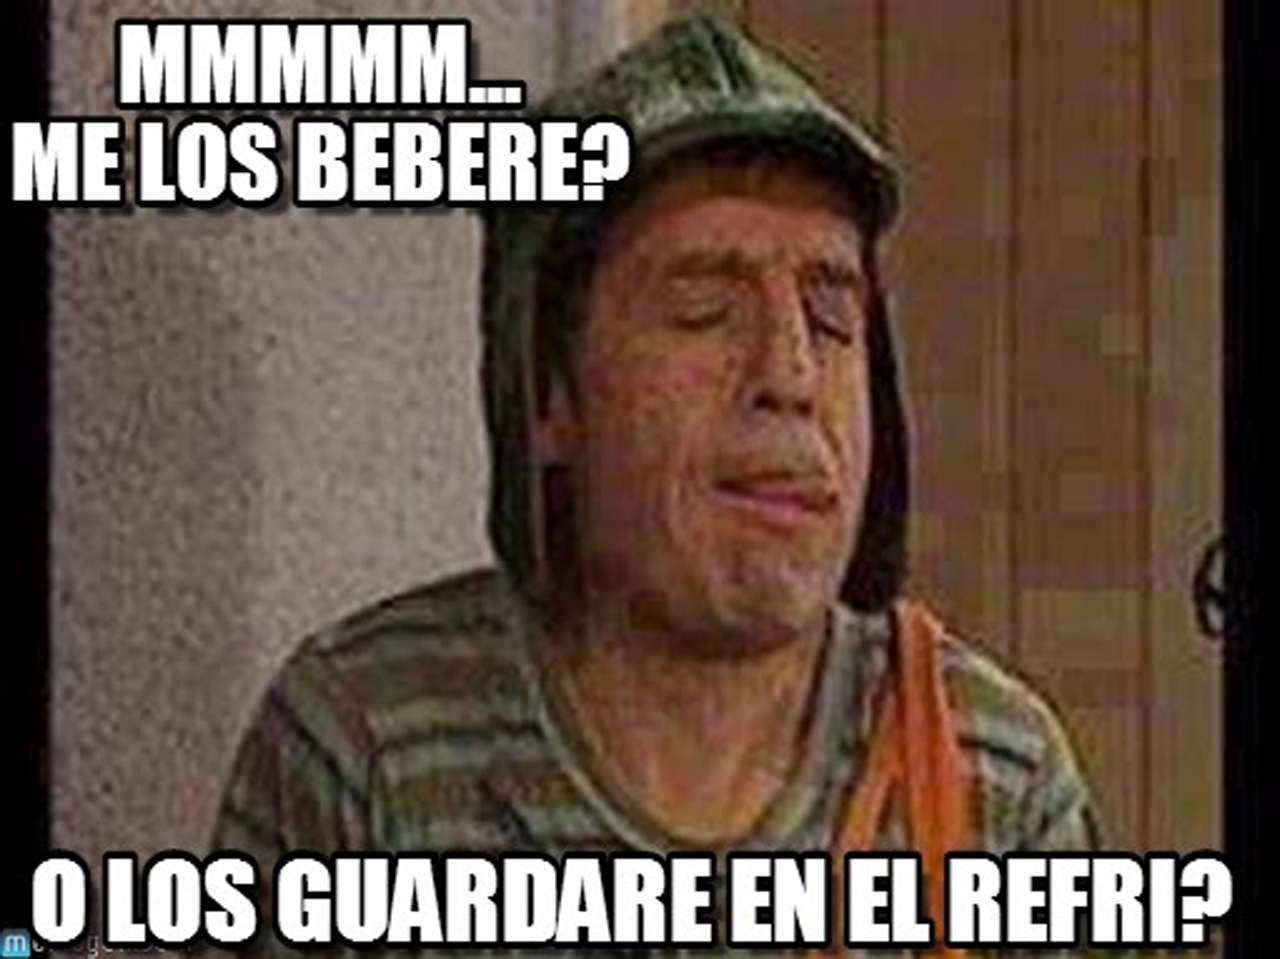 Memes de El Chavo del 8. Foto: Reproducción